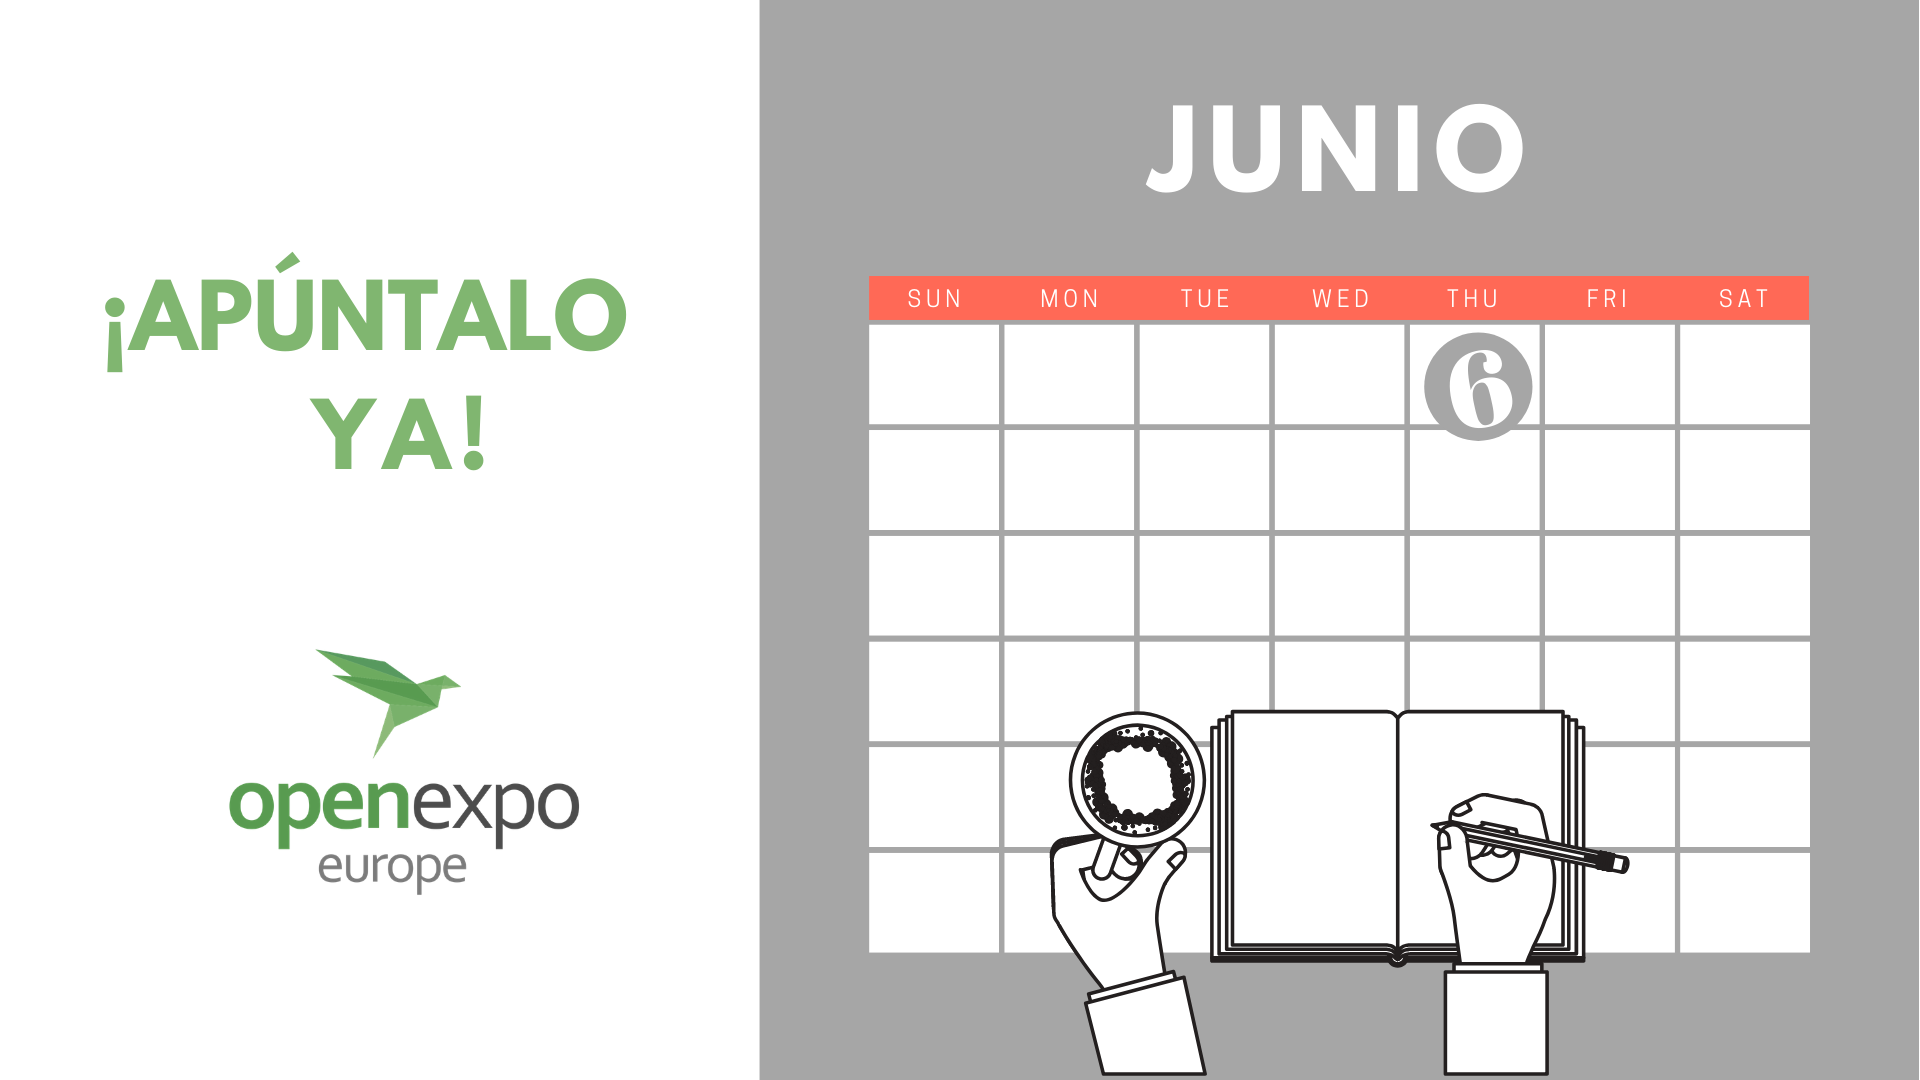 Banners / Yacarlí Carreño Santamaría / OpenExpo Europe